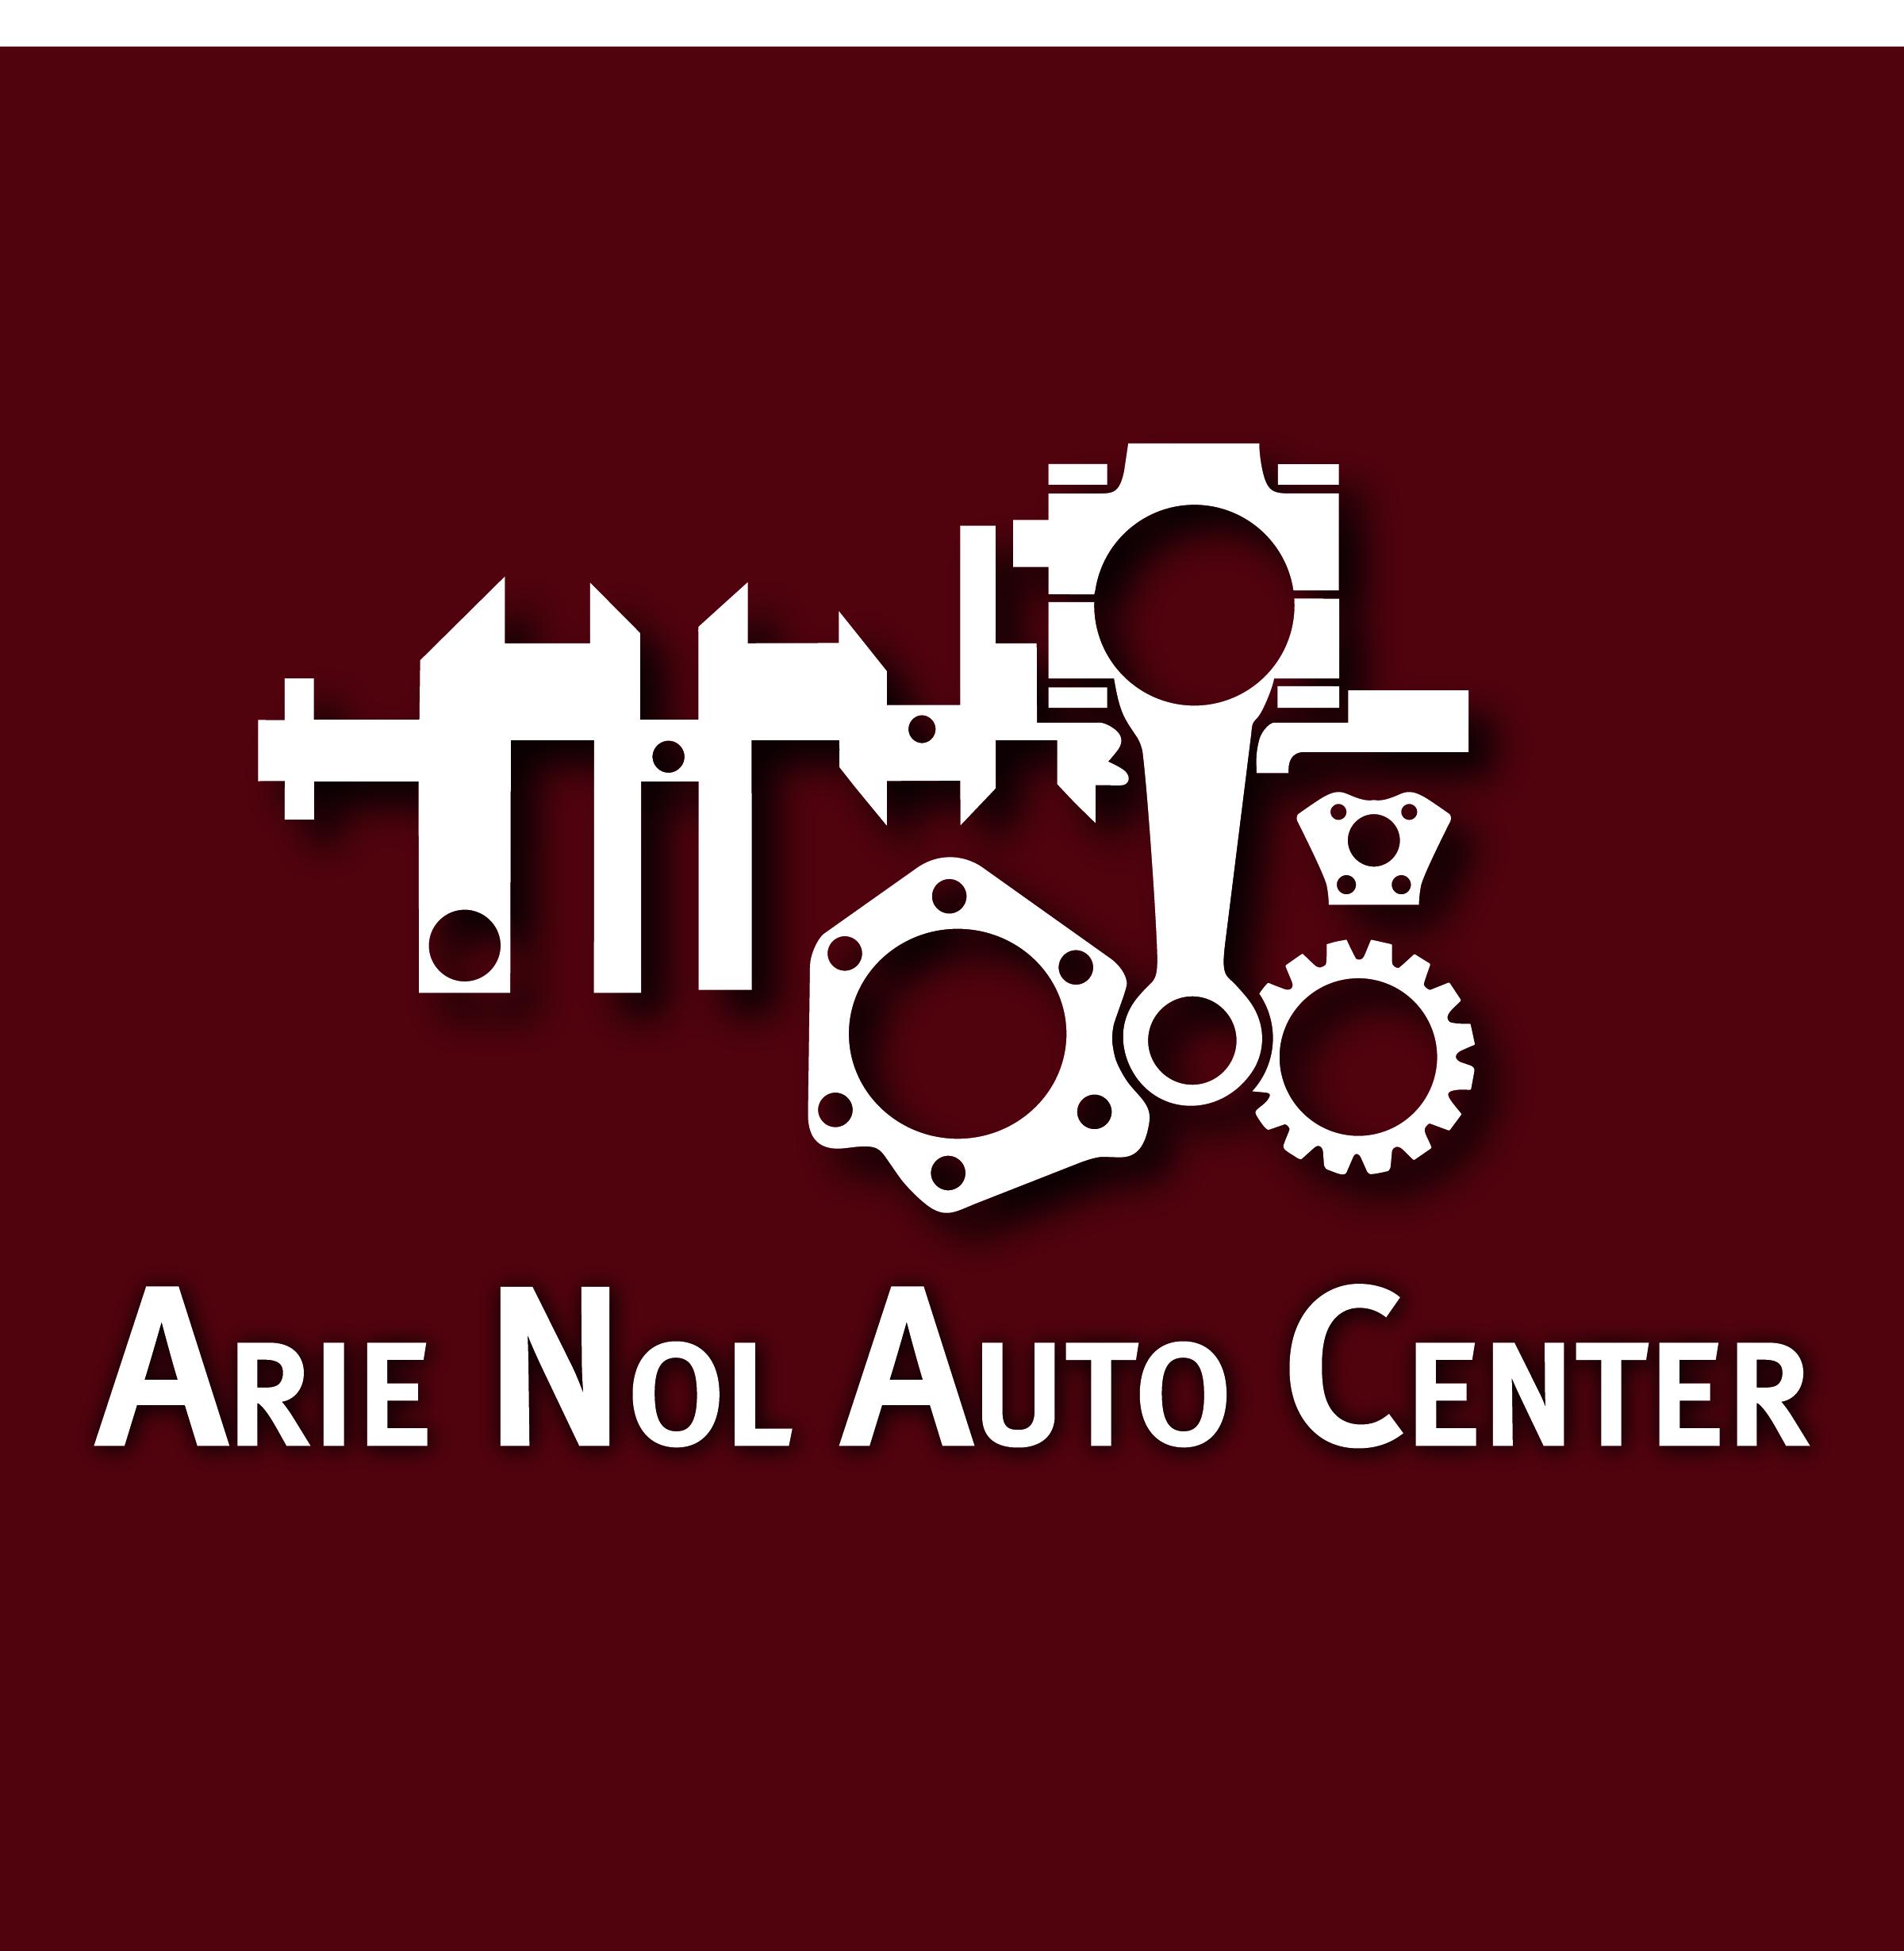 arie_nol_logo.jpg